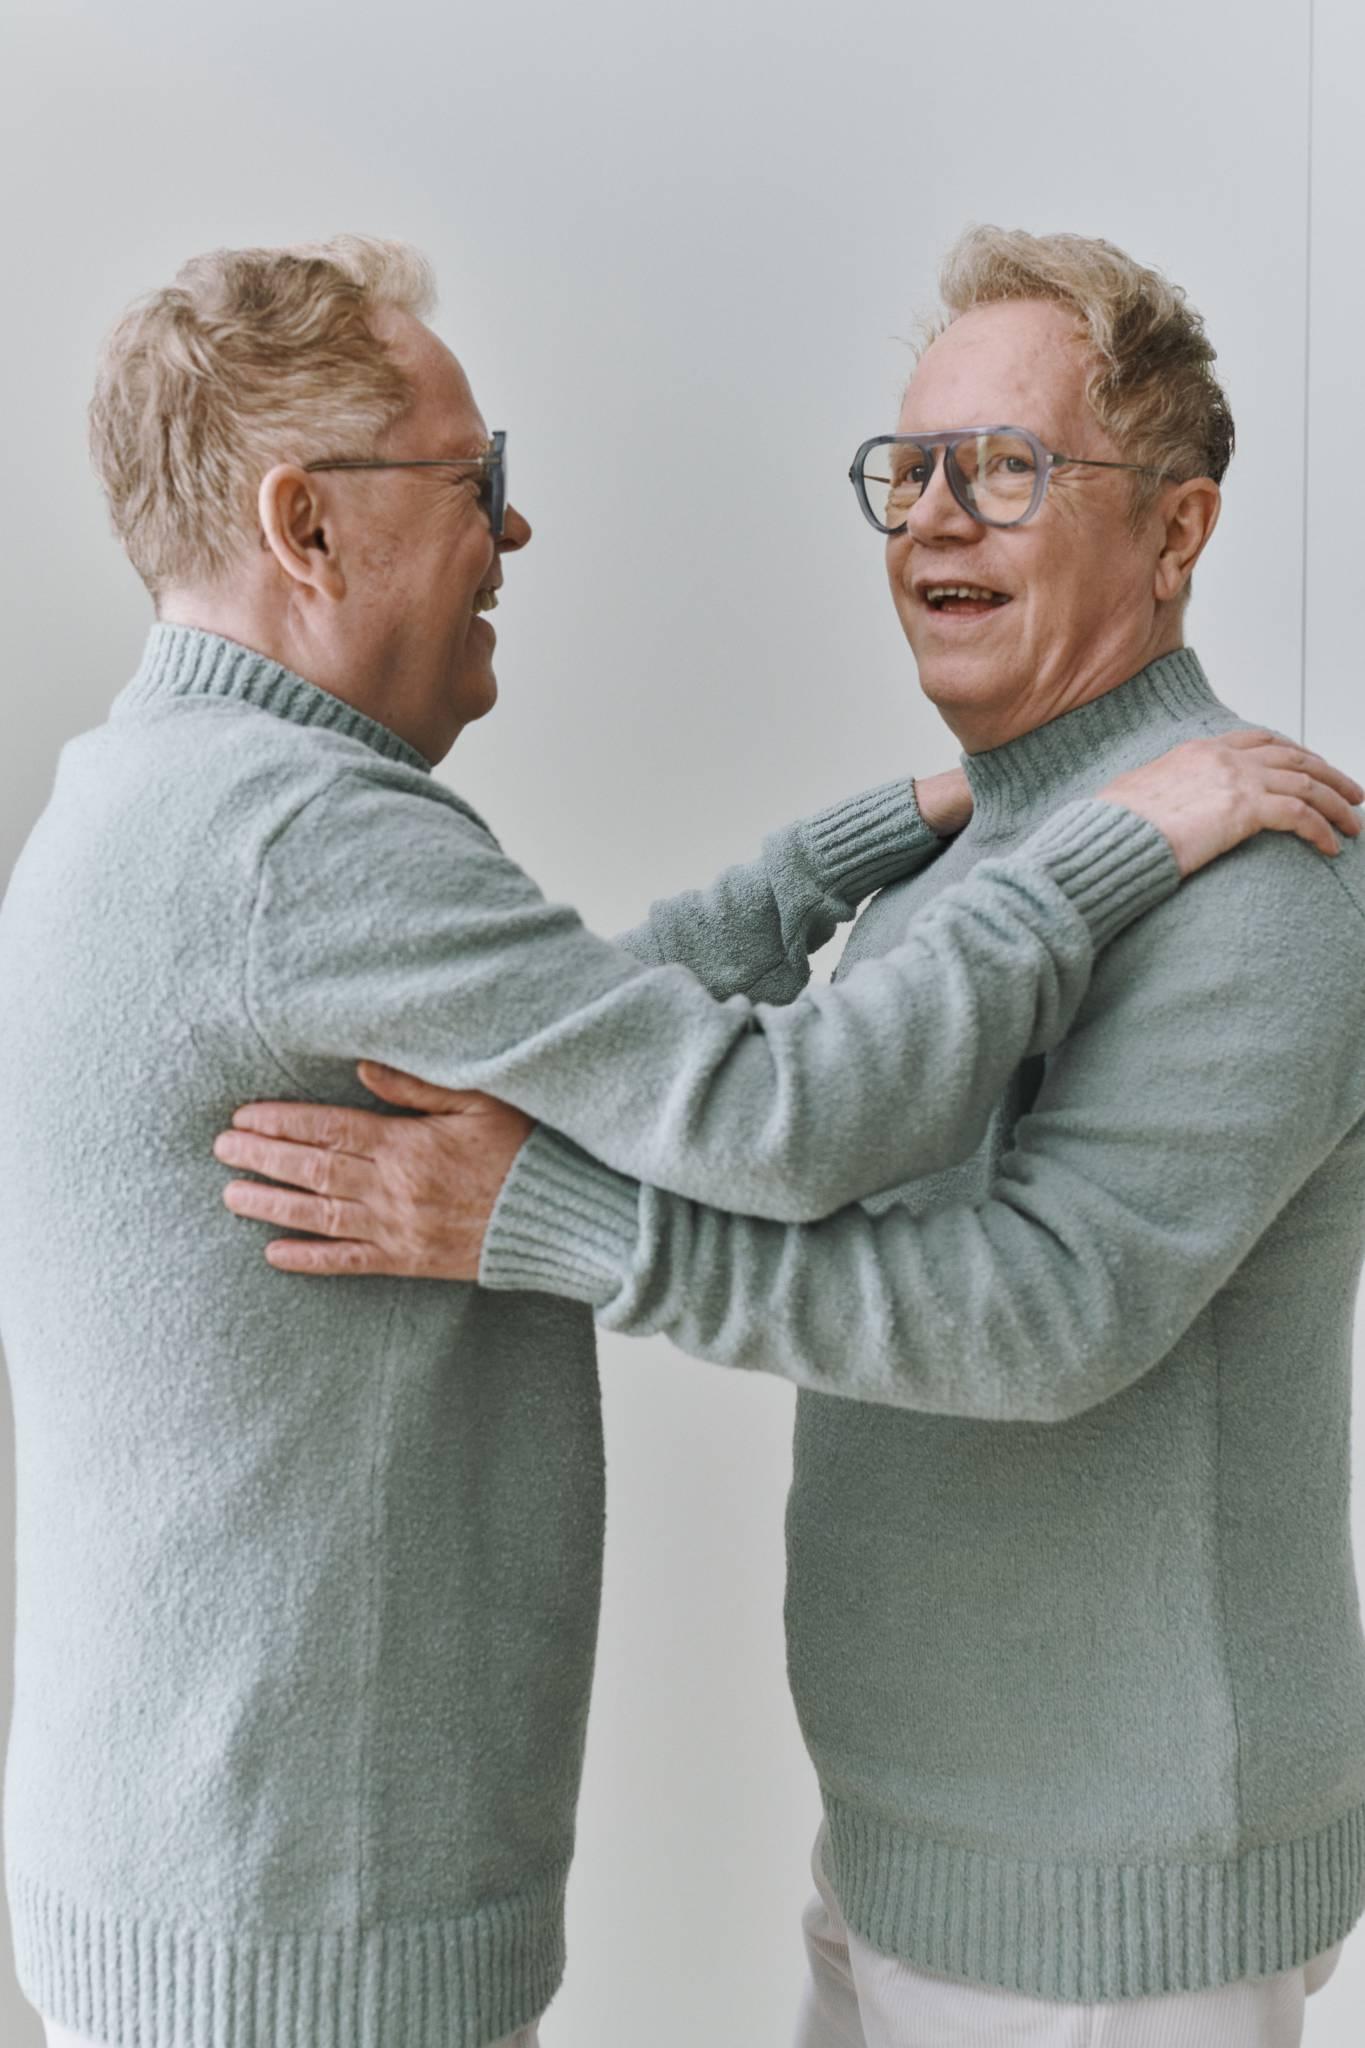 Już niedługo znowu się przytulimy. Wzruszająca kampania Zalando